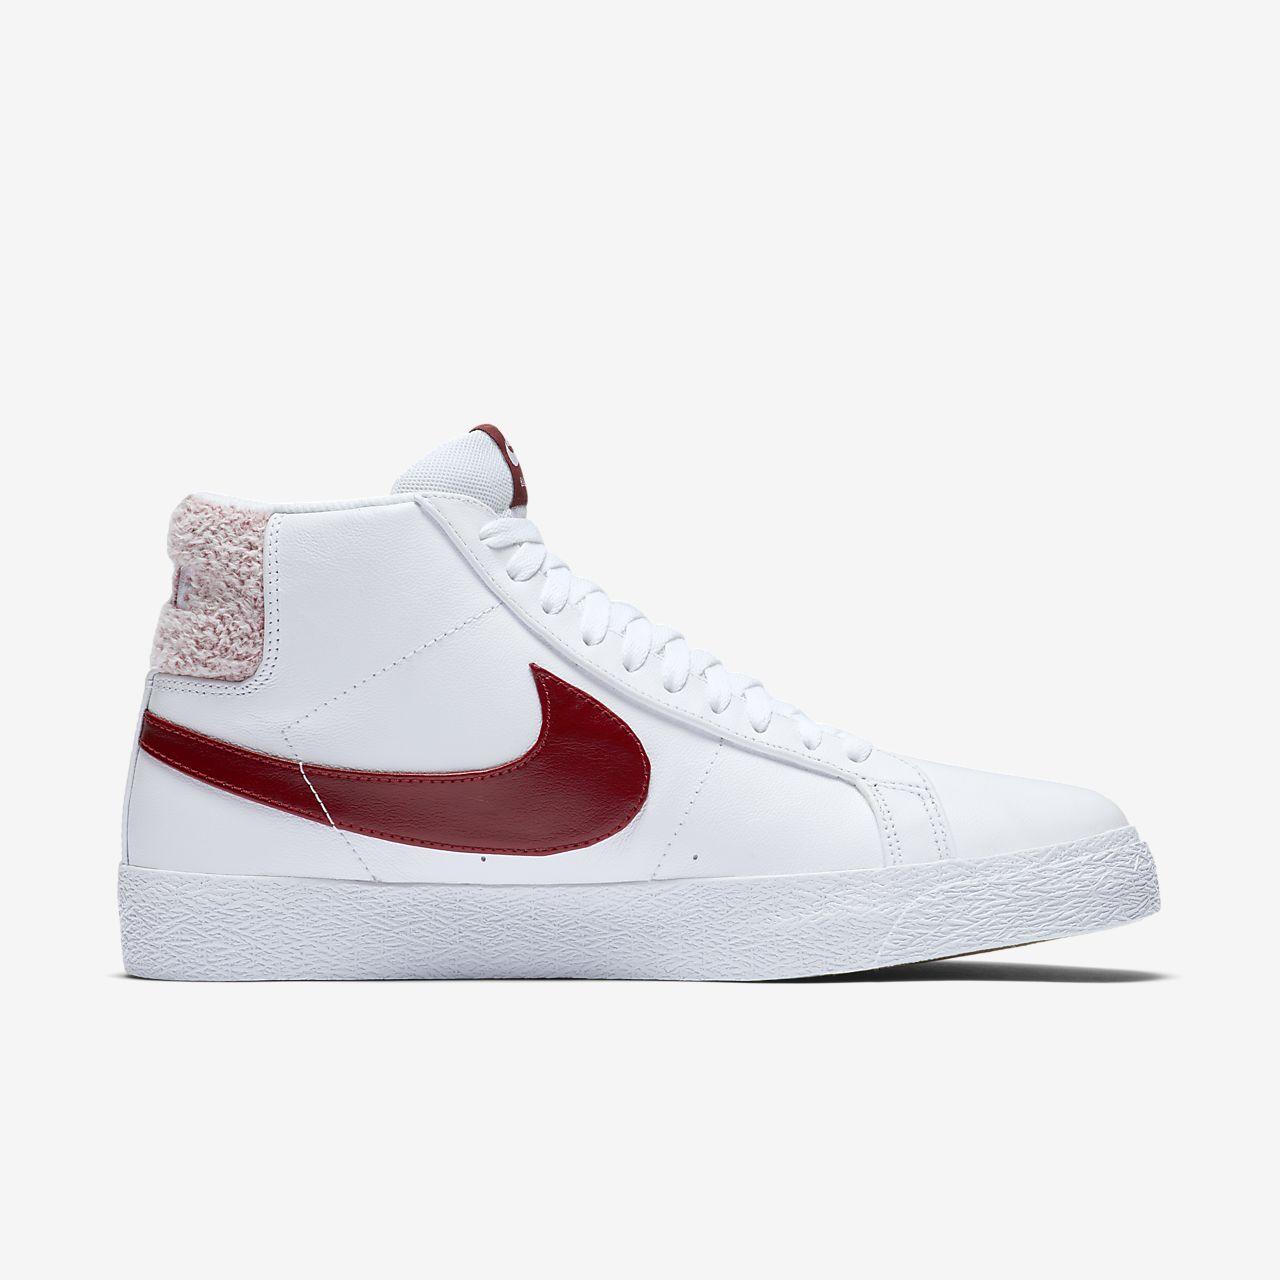 reputable site 91e39 b26f4 Nike SB Zoom Blazer Mid Premium Skate Shoe